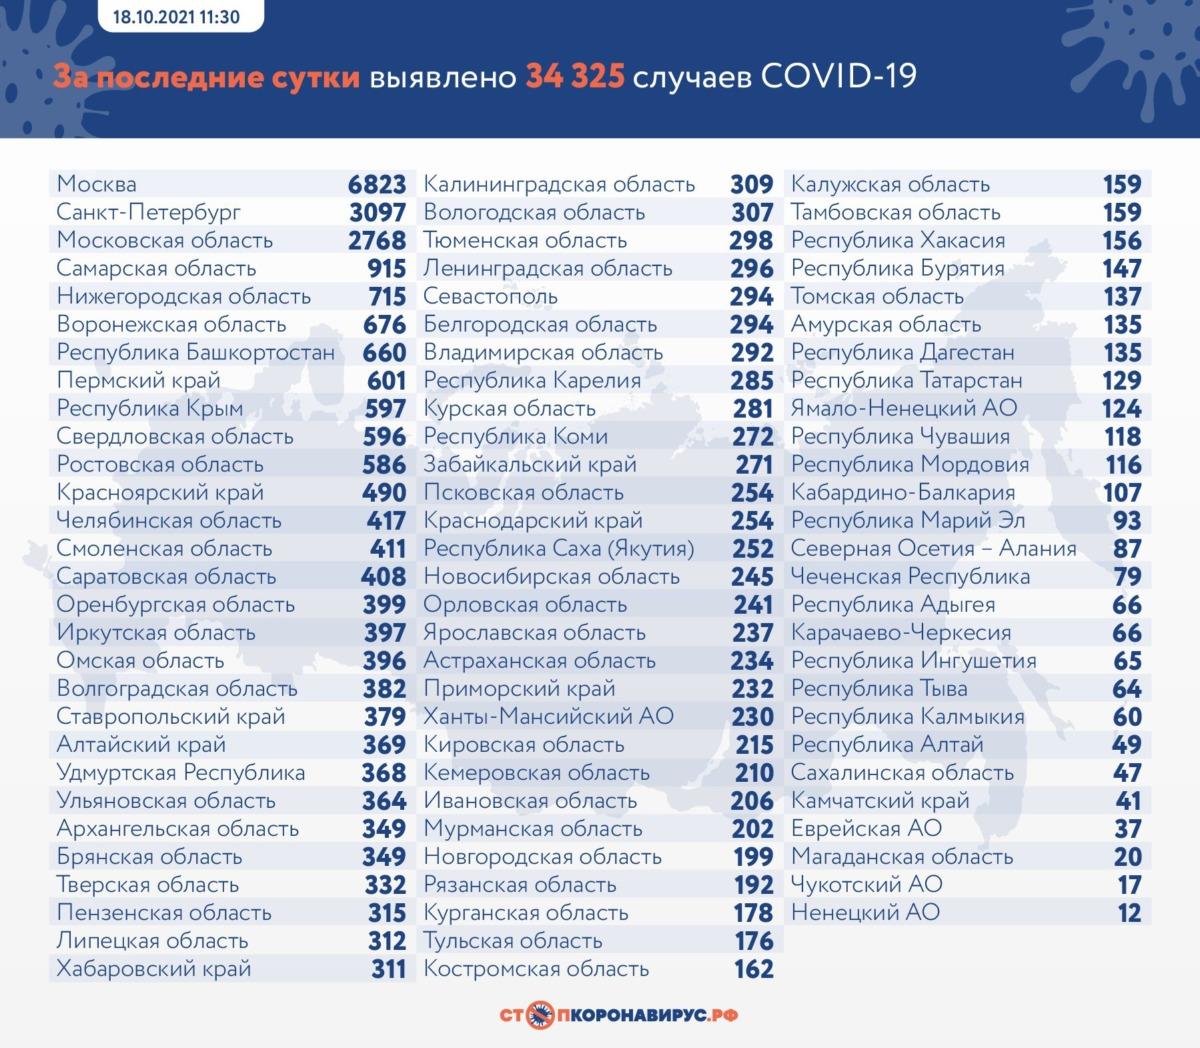 Новый антирекорд коронавируса в России на 18 октября